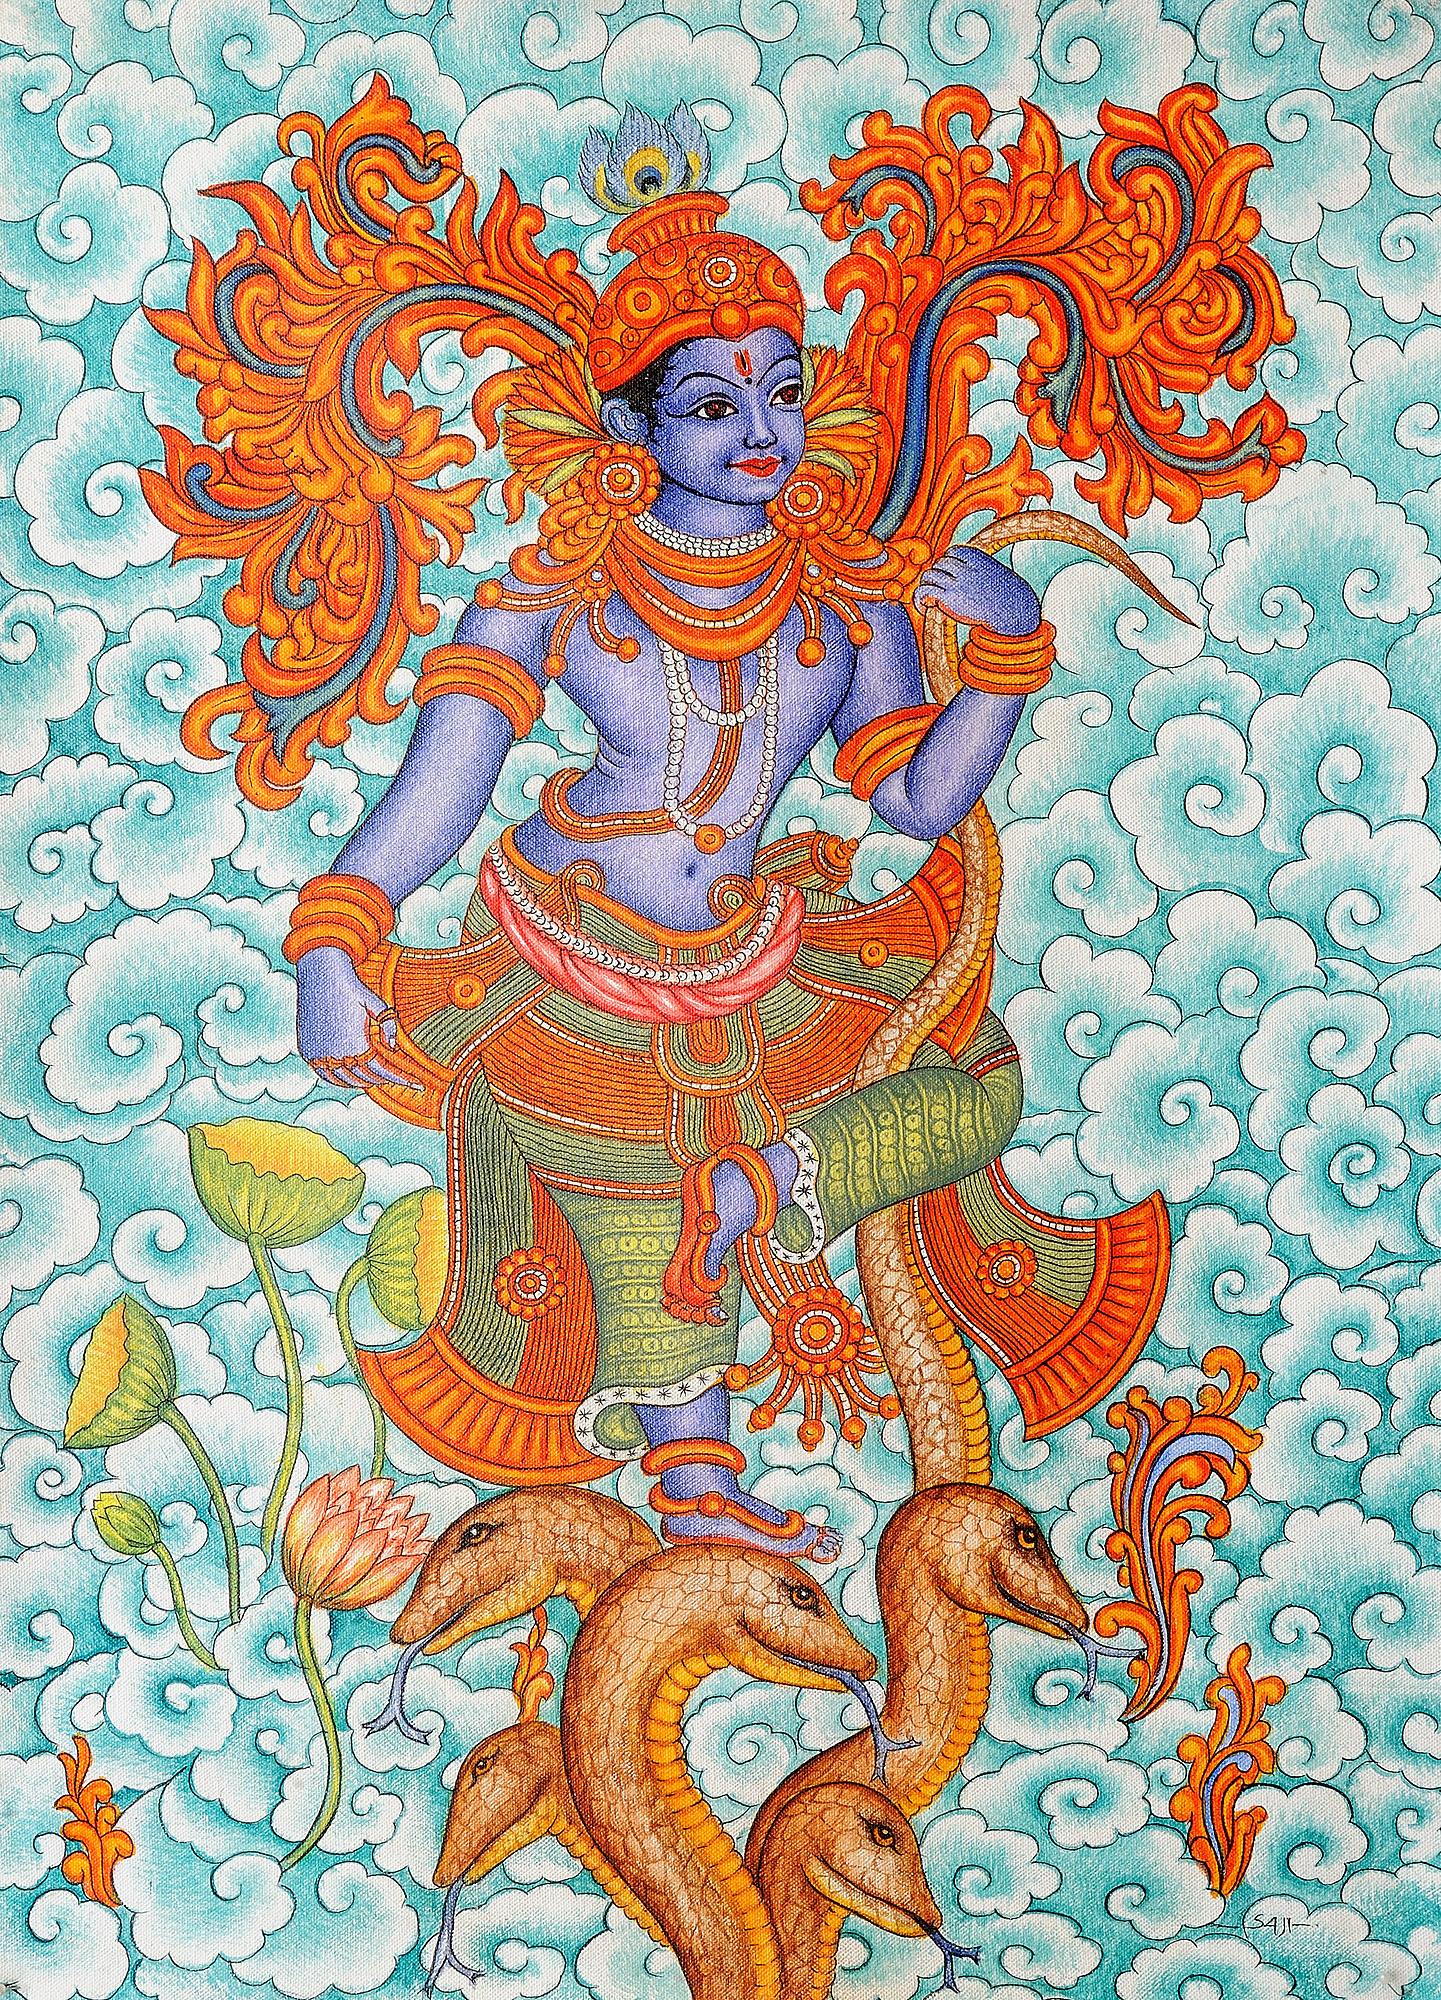 Bhagawan krishna for Aithihya mural painting fabrics